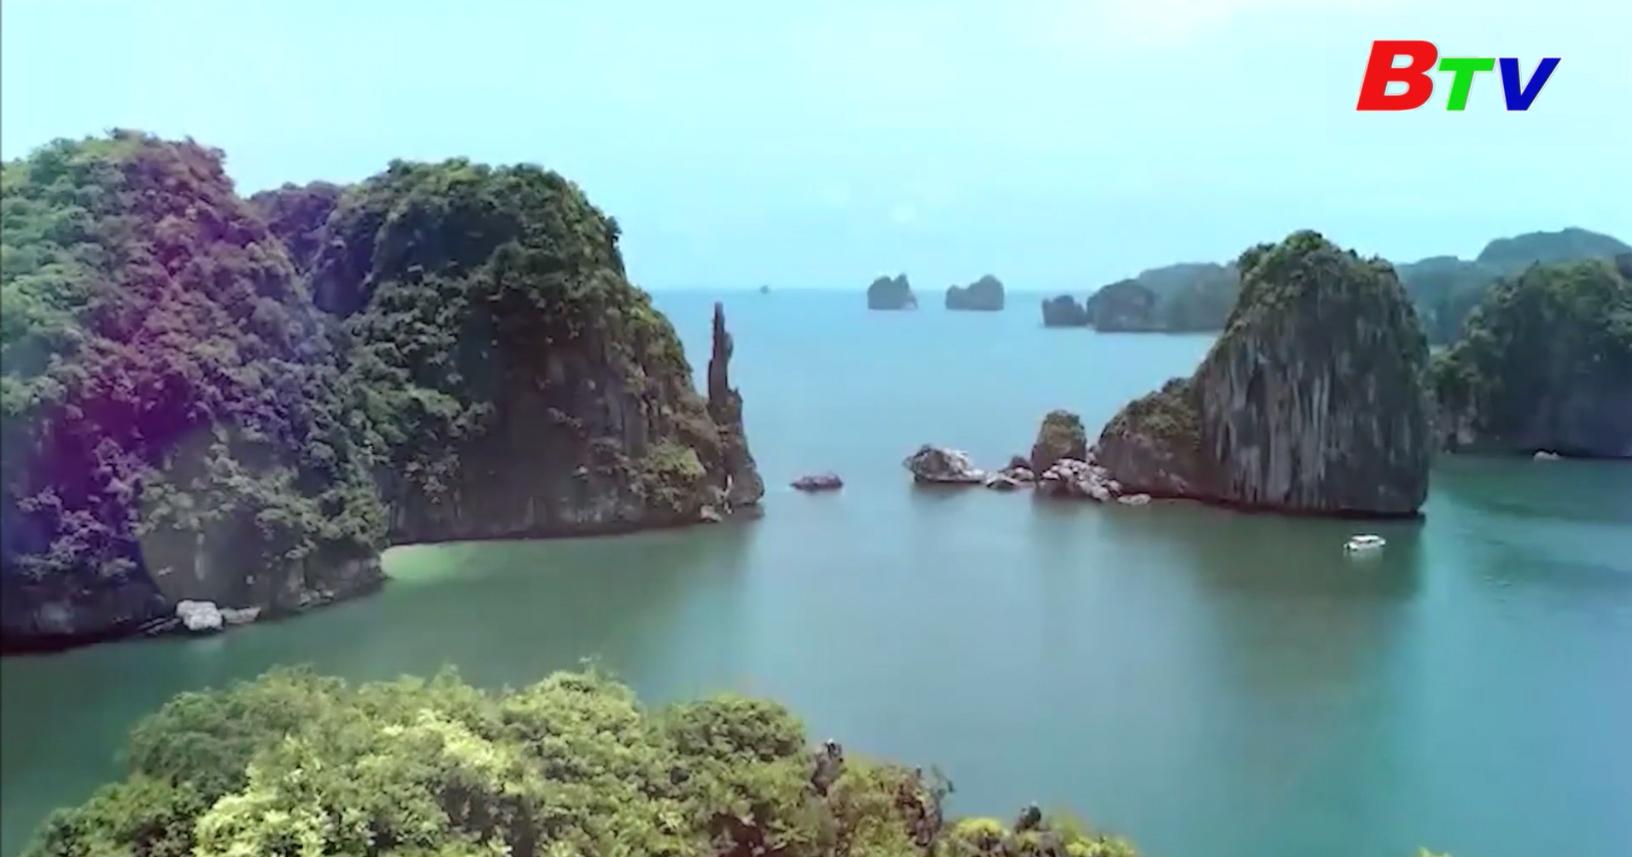 Việt Nam lần thứ hai giành giải thưởng Điểm đến Di sản hàng đầu thế giới